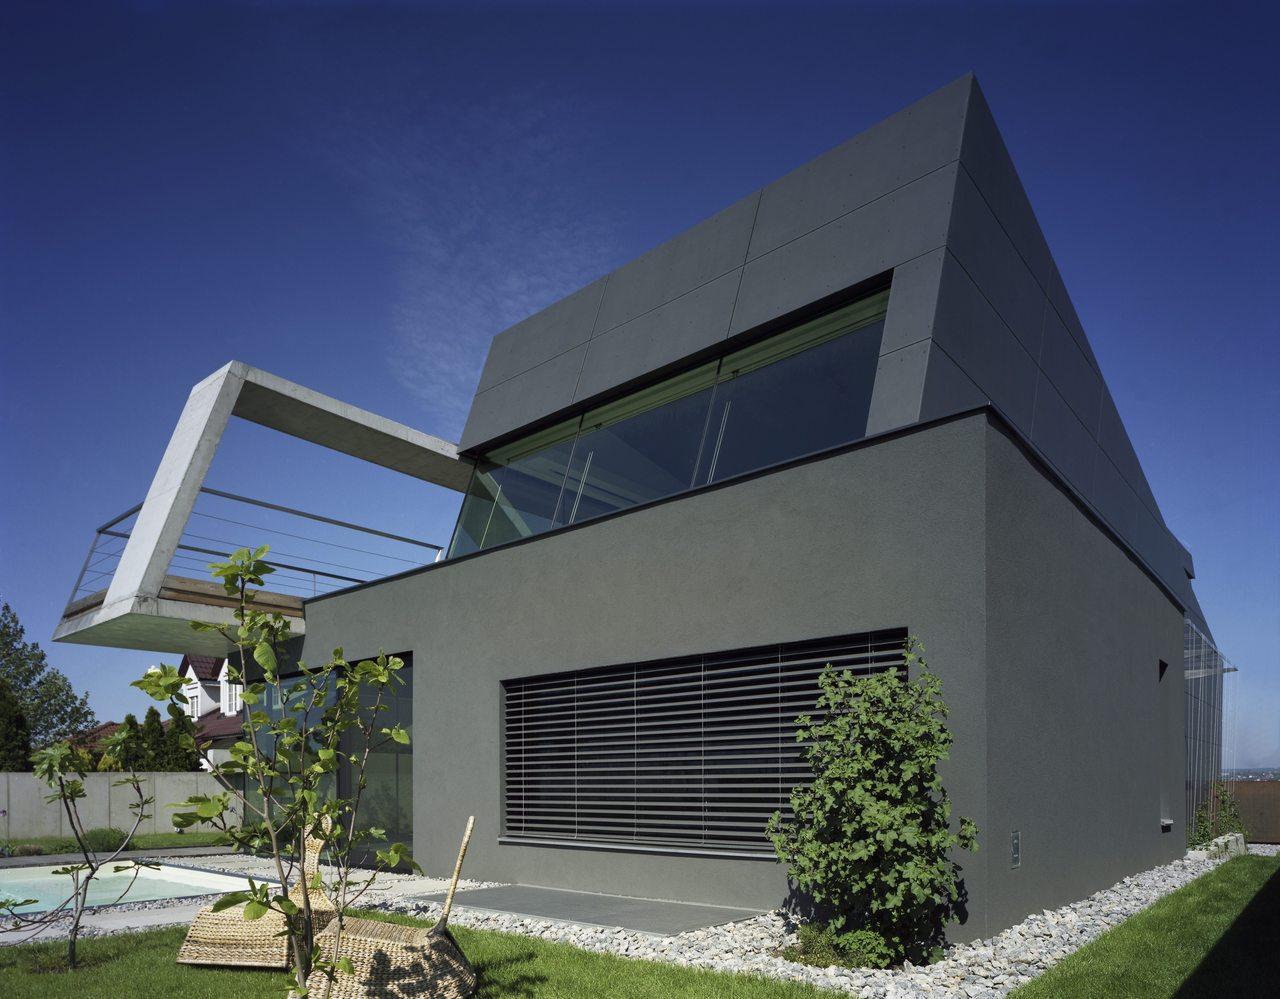 Neubau Wohnhaus ad2 in Weiden am See, Österreich - FVHF.de